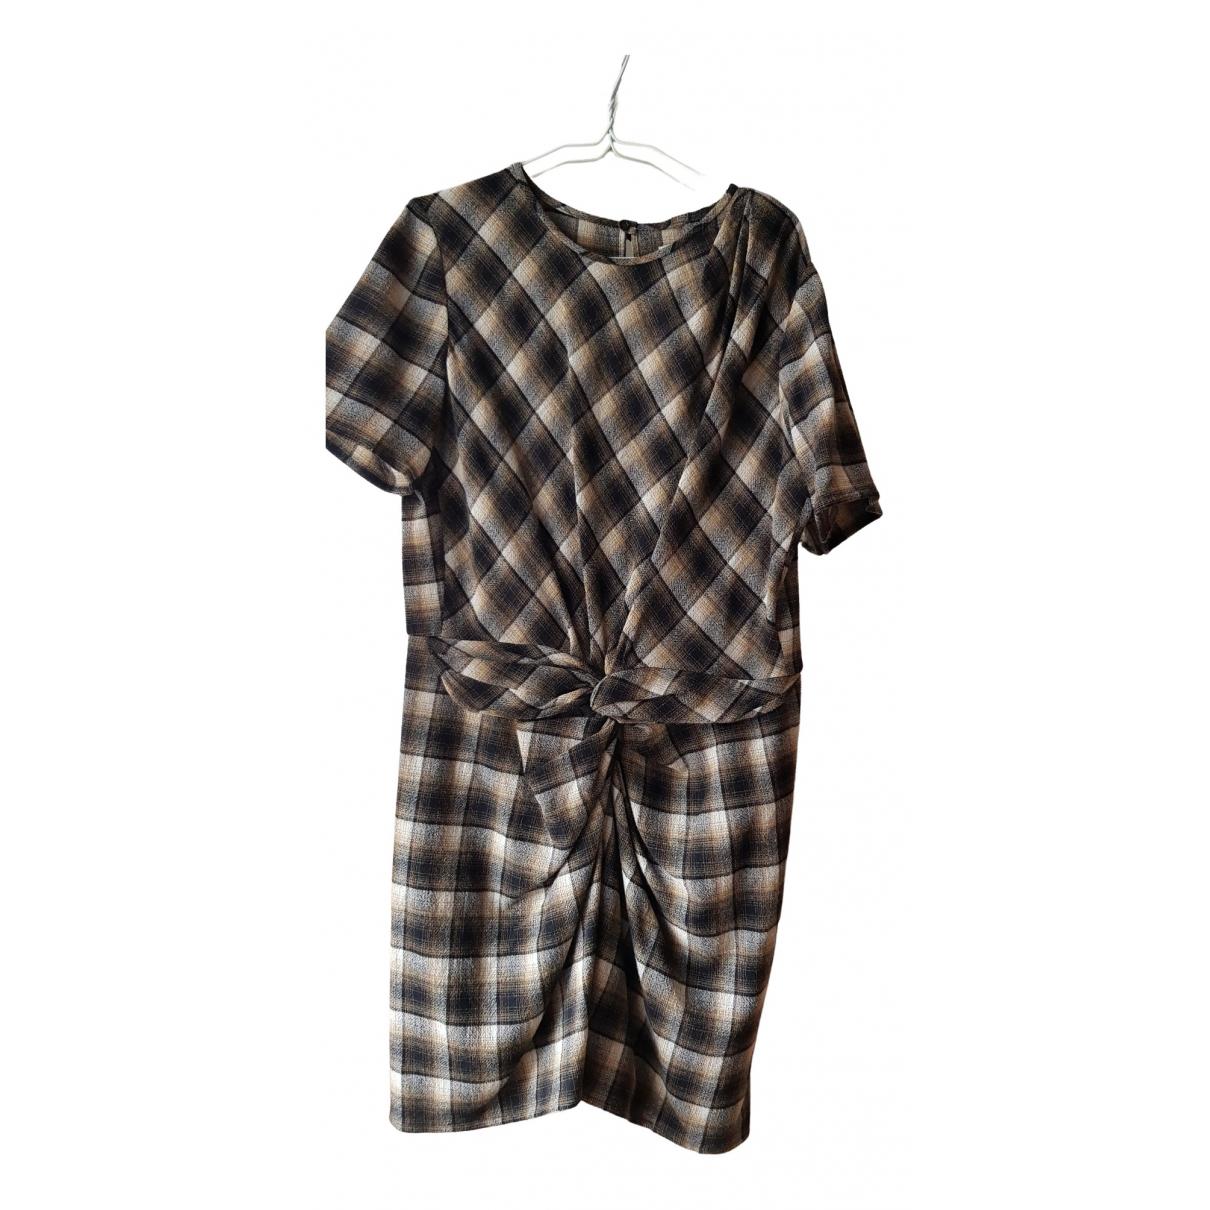 Isabel Marant Etoile \N Kleid in  Braun Wolle